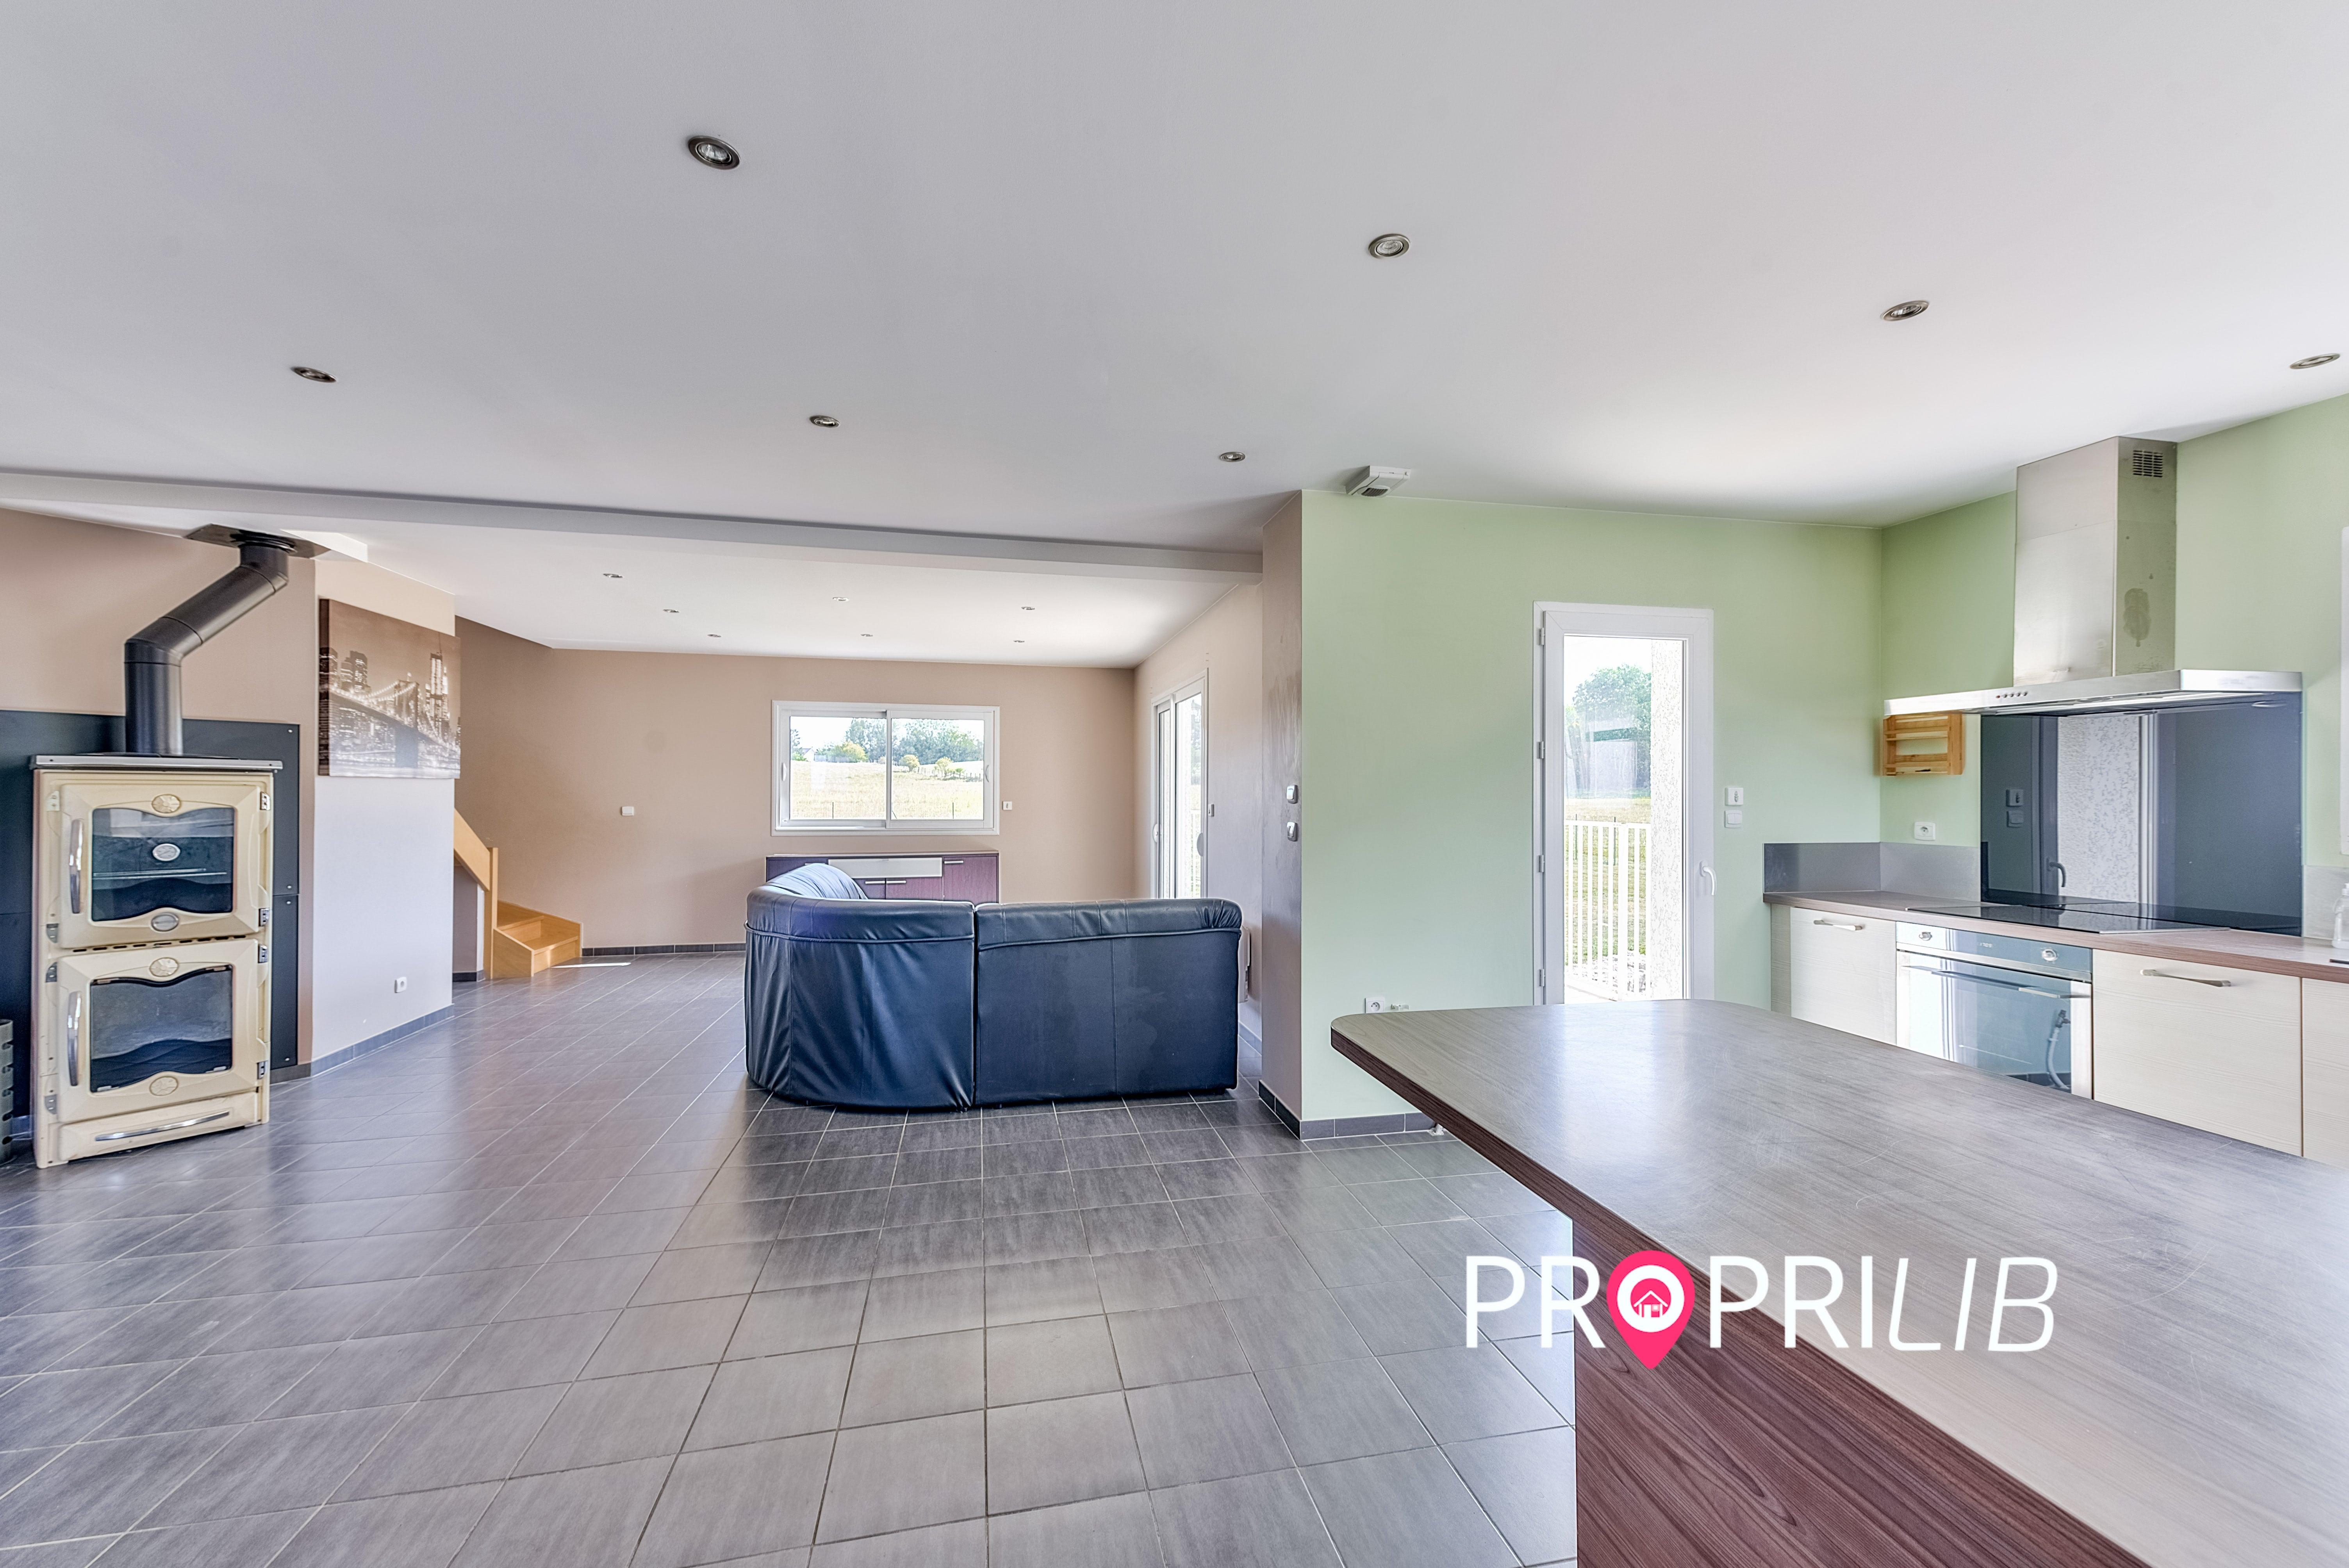 PropriLib l'agence immobilière en ligne vend cette maison à Meyrieu-les-Etangs